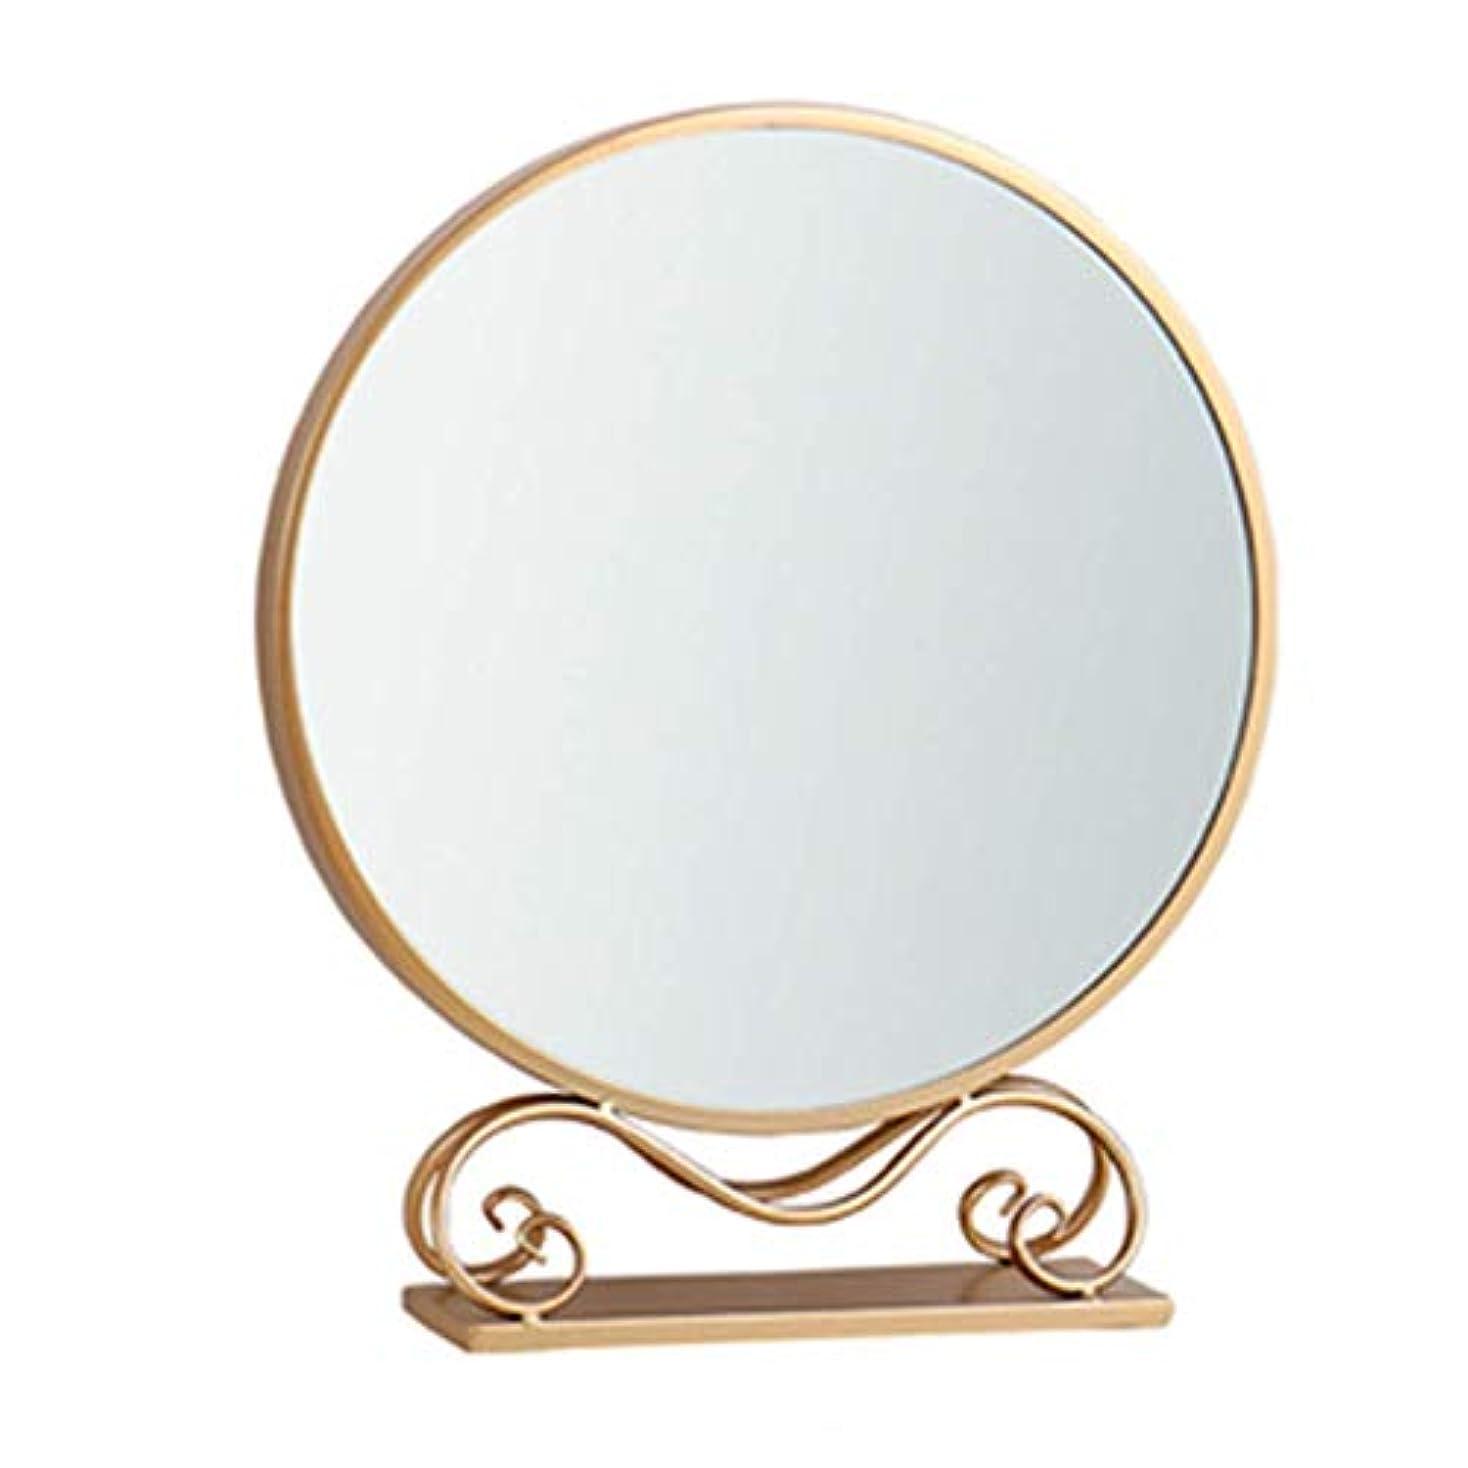 閲覧するパッド対抗北欧化粧鏡、デスクトップホームデスクトップミラー、錬鉄製の壁鏡、純赤のイン、円形のドレッサーミラー、クリアミラー、滑らかなペンキ、無塗装、無褪色、,Gold,59*30cm